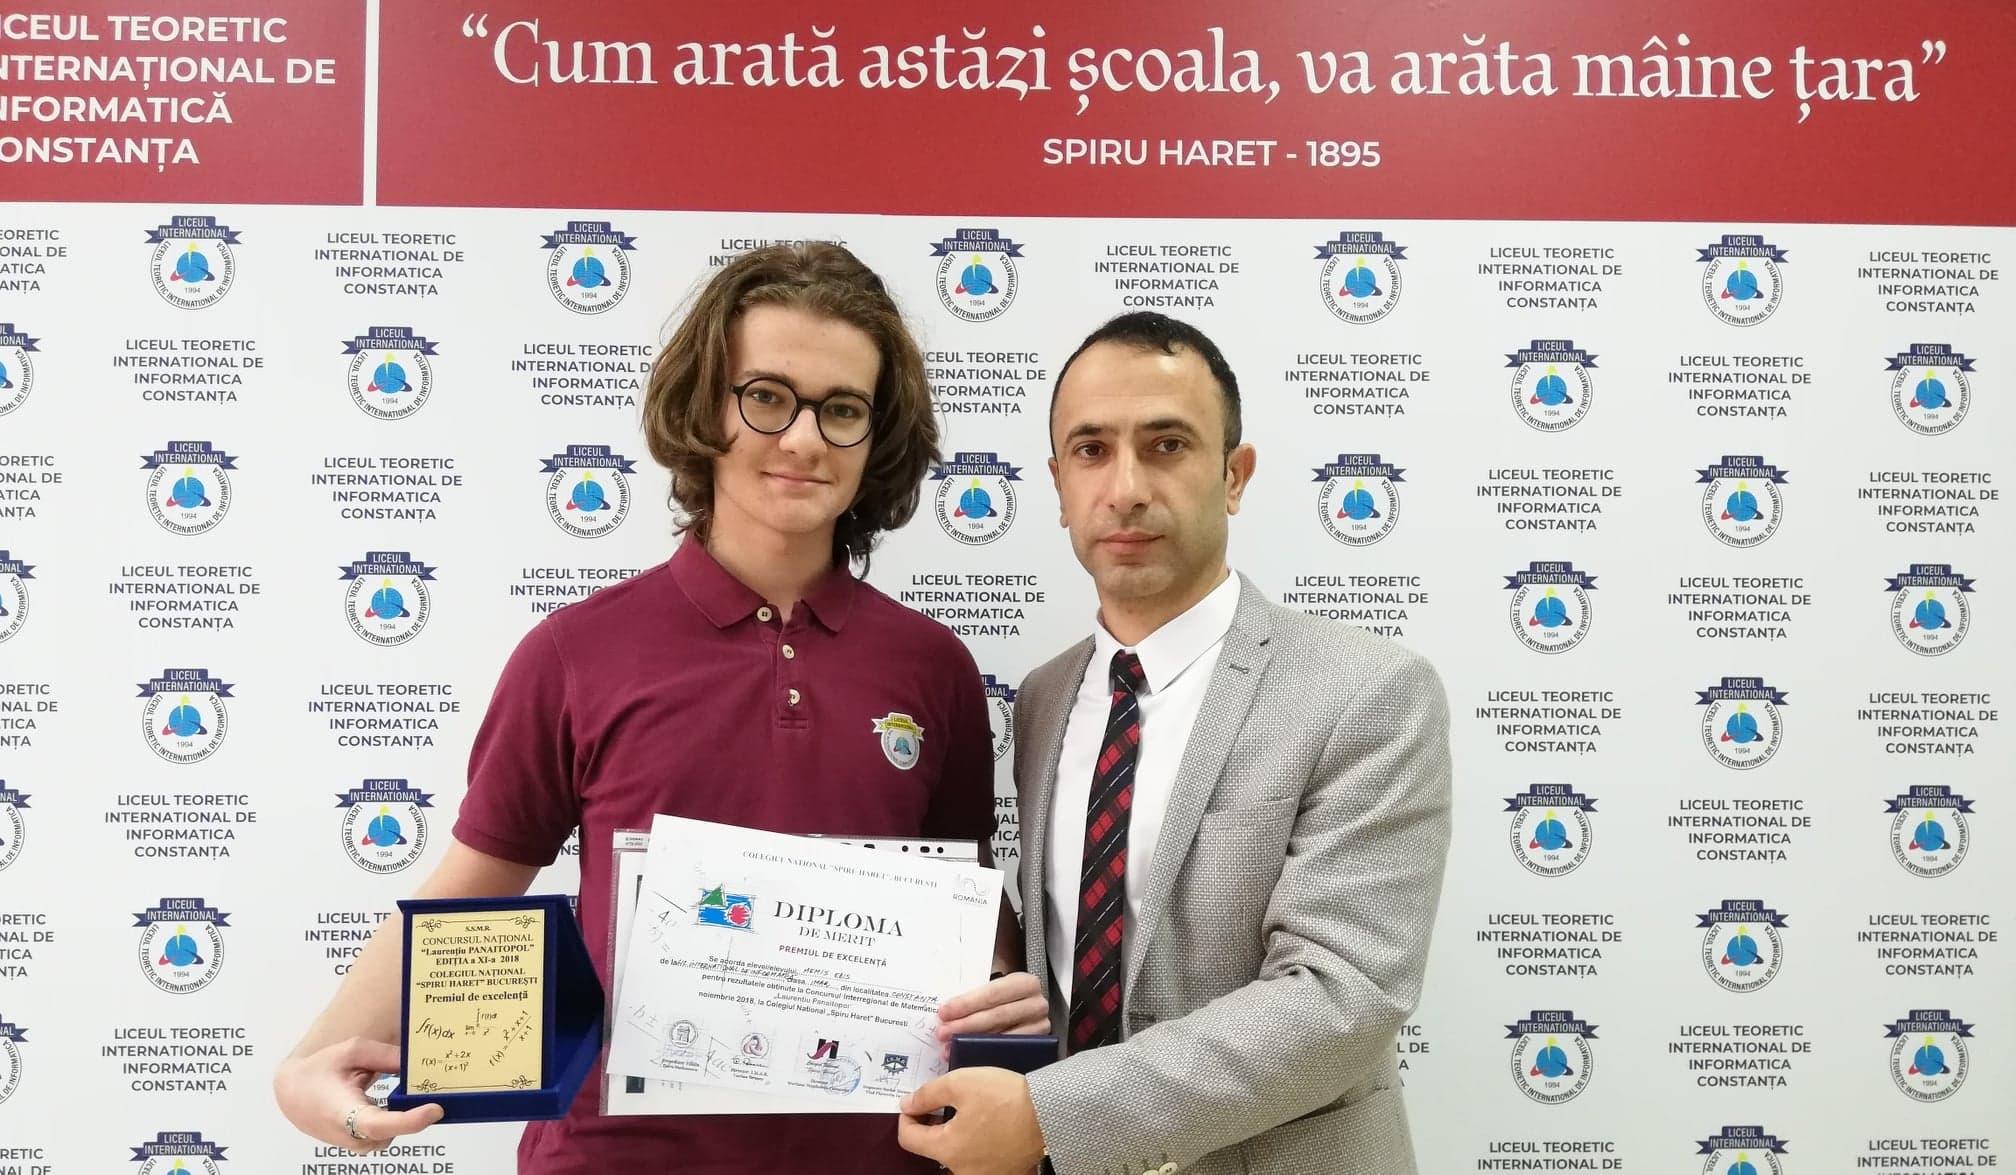 Felicitari lui Edis Memiș pentru Premiul de excelenta obtinut la Concursul Național de Matematică